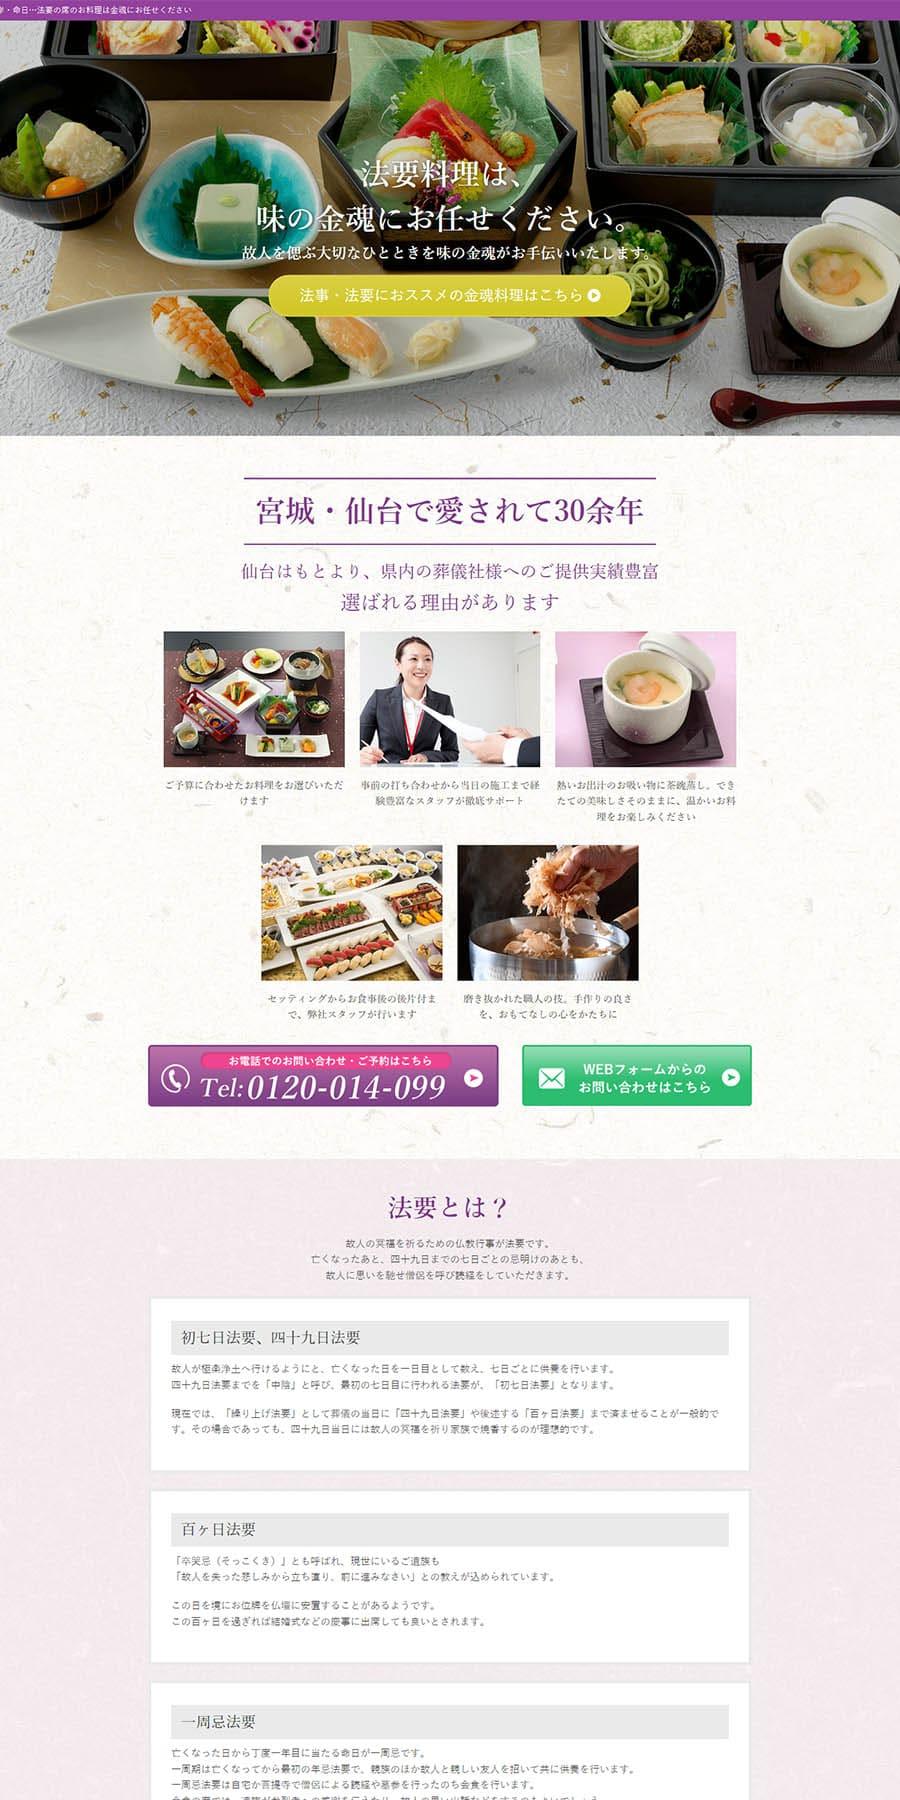 宮崎県仙台の法事用仕出し料理ランディングページ新規作成